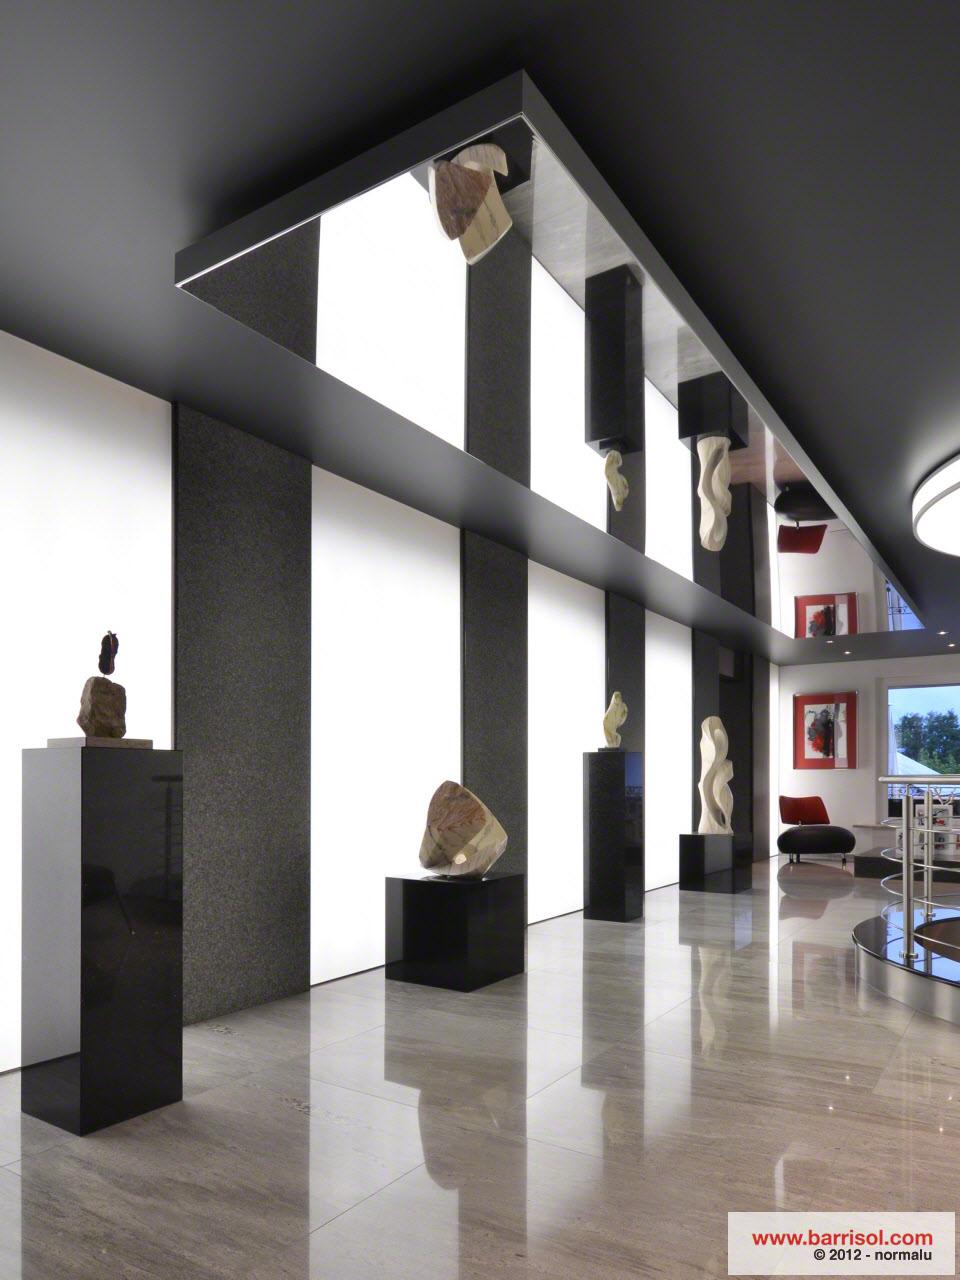 Plafond Tendu Barrisol Mirror